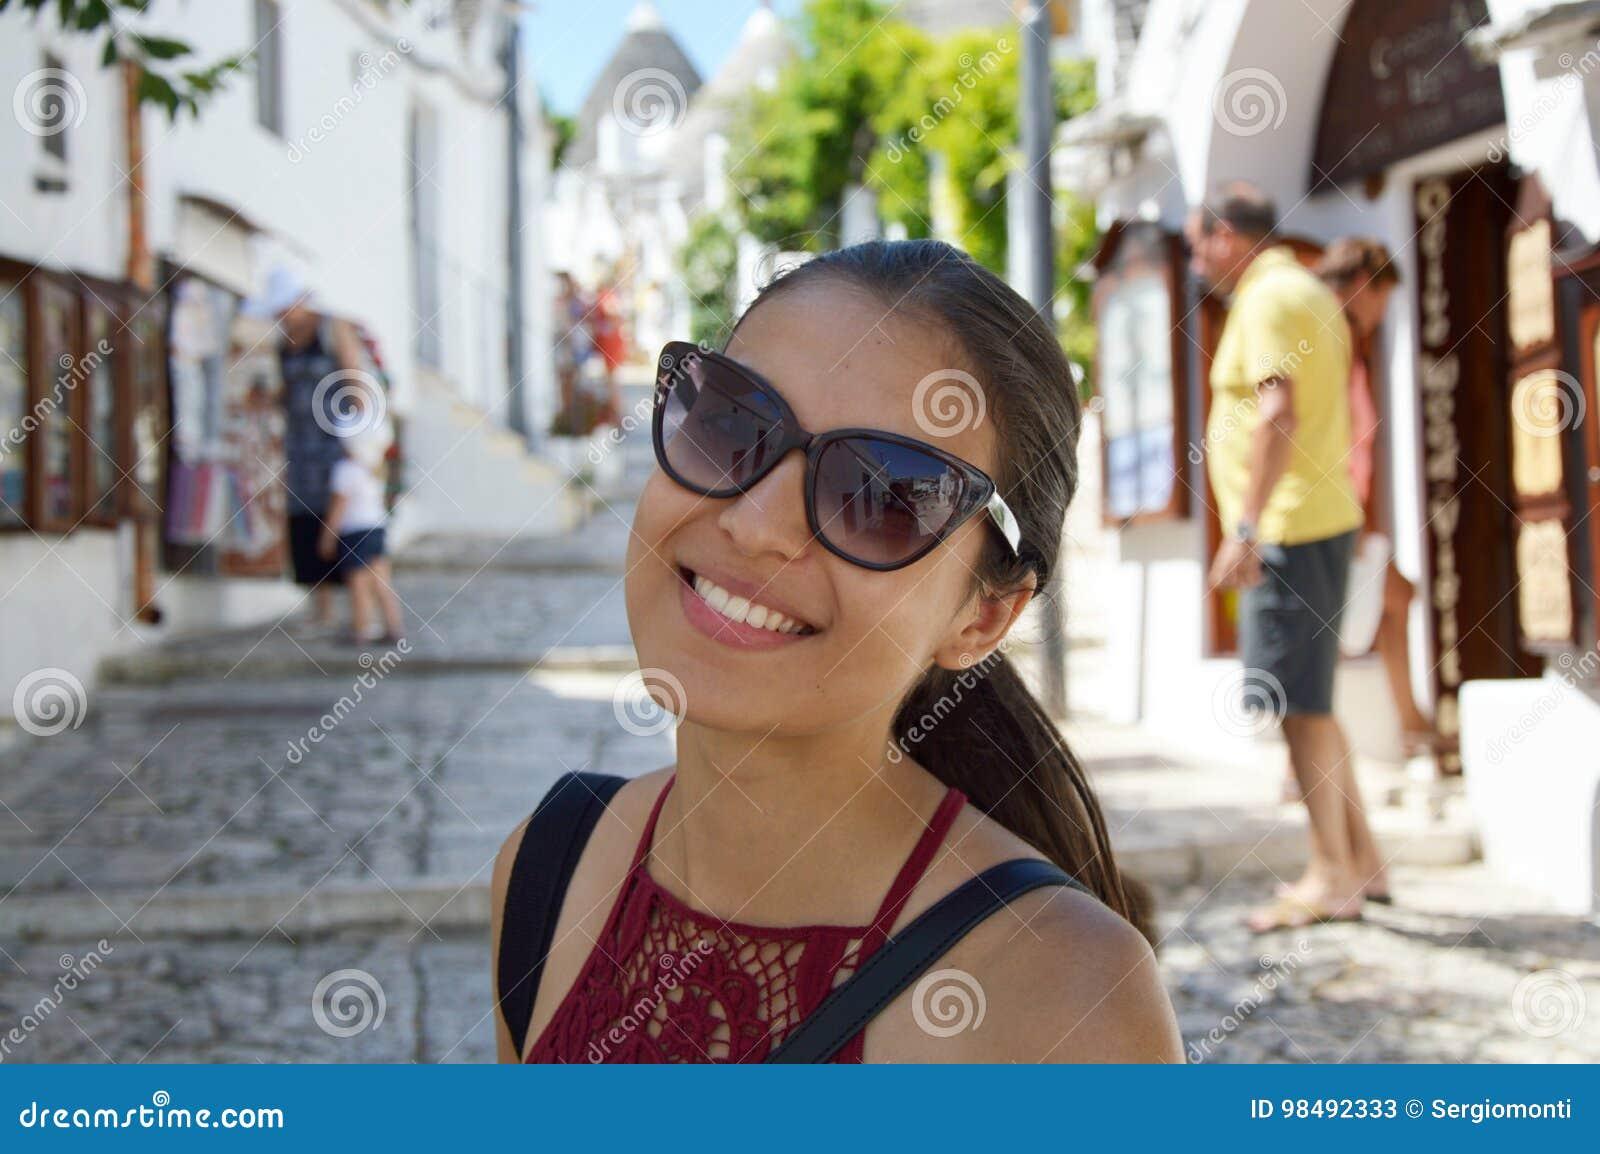 Feche acima da jovem mulher à moda com óculos de sol que sorri no fundo  italiano d0111a54e3